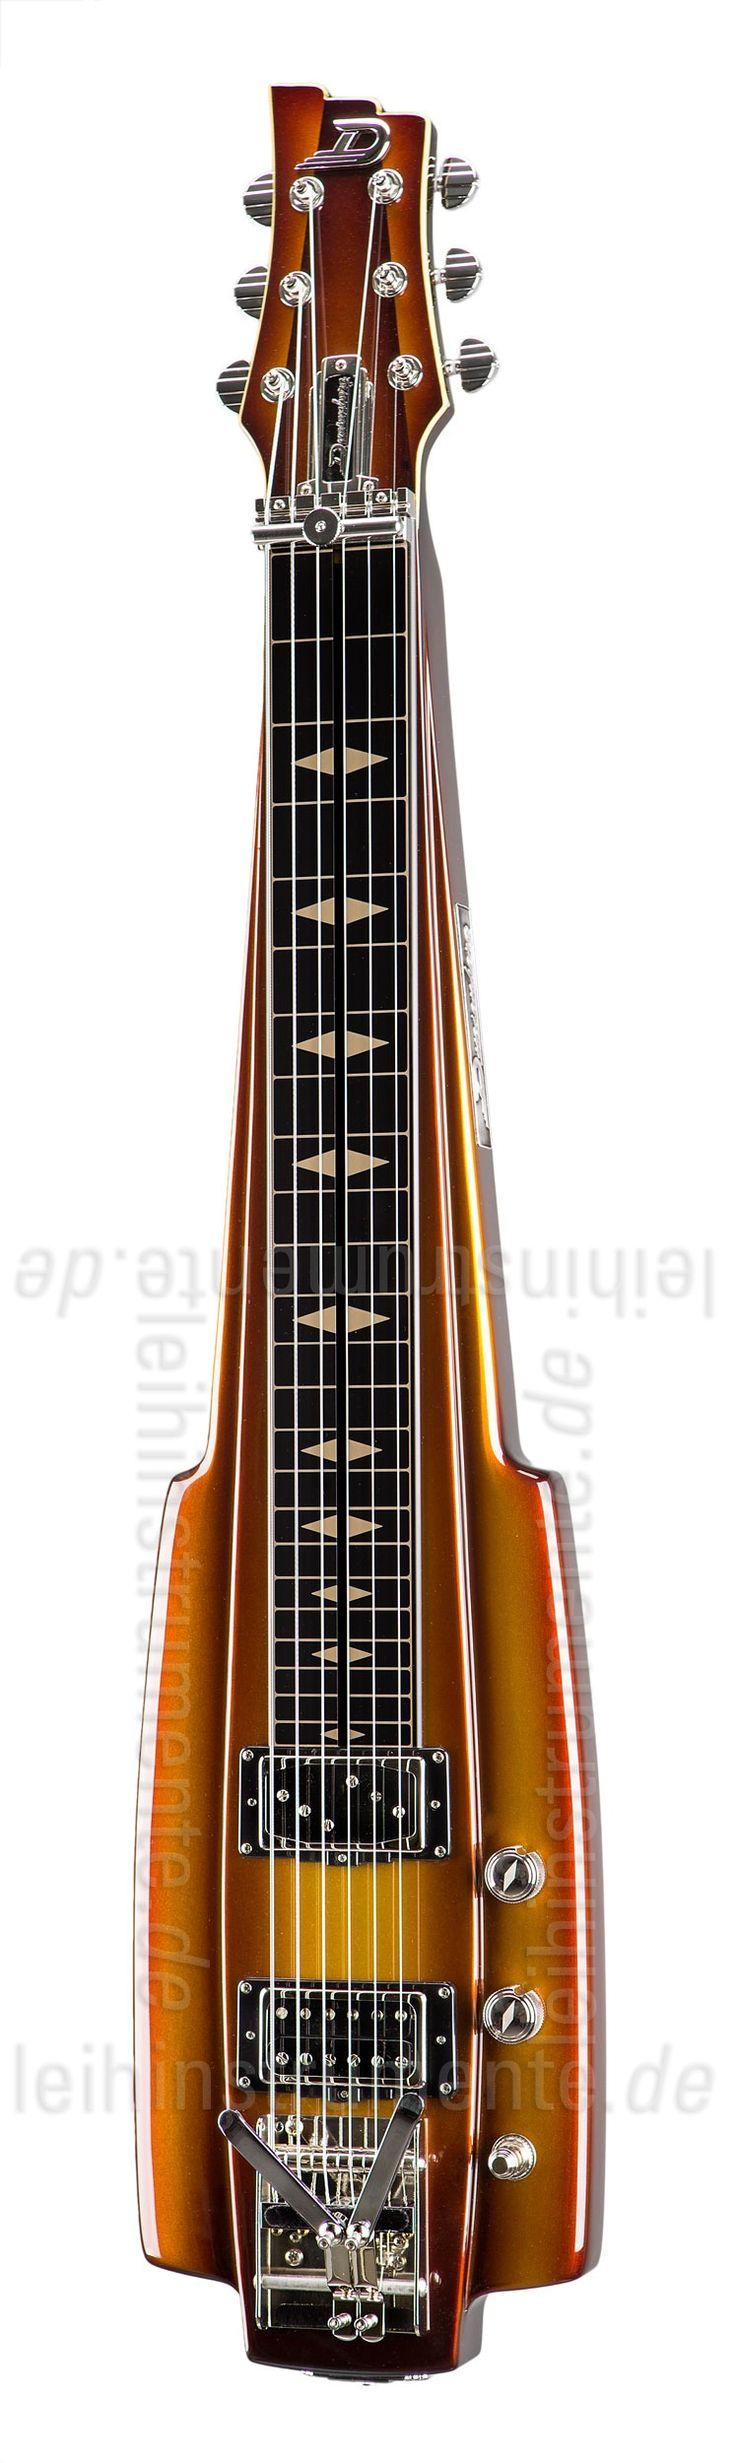 E-Gitarre DUESENBERG FAIRYTALE LAPSTEEL - Gold Burst (2016) + Custom Line Case. High-end Gitarre aus dem Hause DUESENBERG. 64,8cm Mensur. Die Lapsteel Fairytale besitzt einen einteiligen Mahagoni-Korpus / 64,8cm Mensur / Schwarzes Aluminium Griffbrett / Integriertes Kapodaster / 1x PH90 Single Twin / 1x Grand Vintage Humbucker. Lackierung: Gold Burst / Hochglanz. Saitenlage, Hals und Intonation werden von uns für optimale Bespielbarkeit eingestellt. Inklusive original DUESENBERG Custom Line…